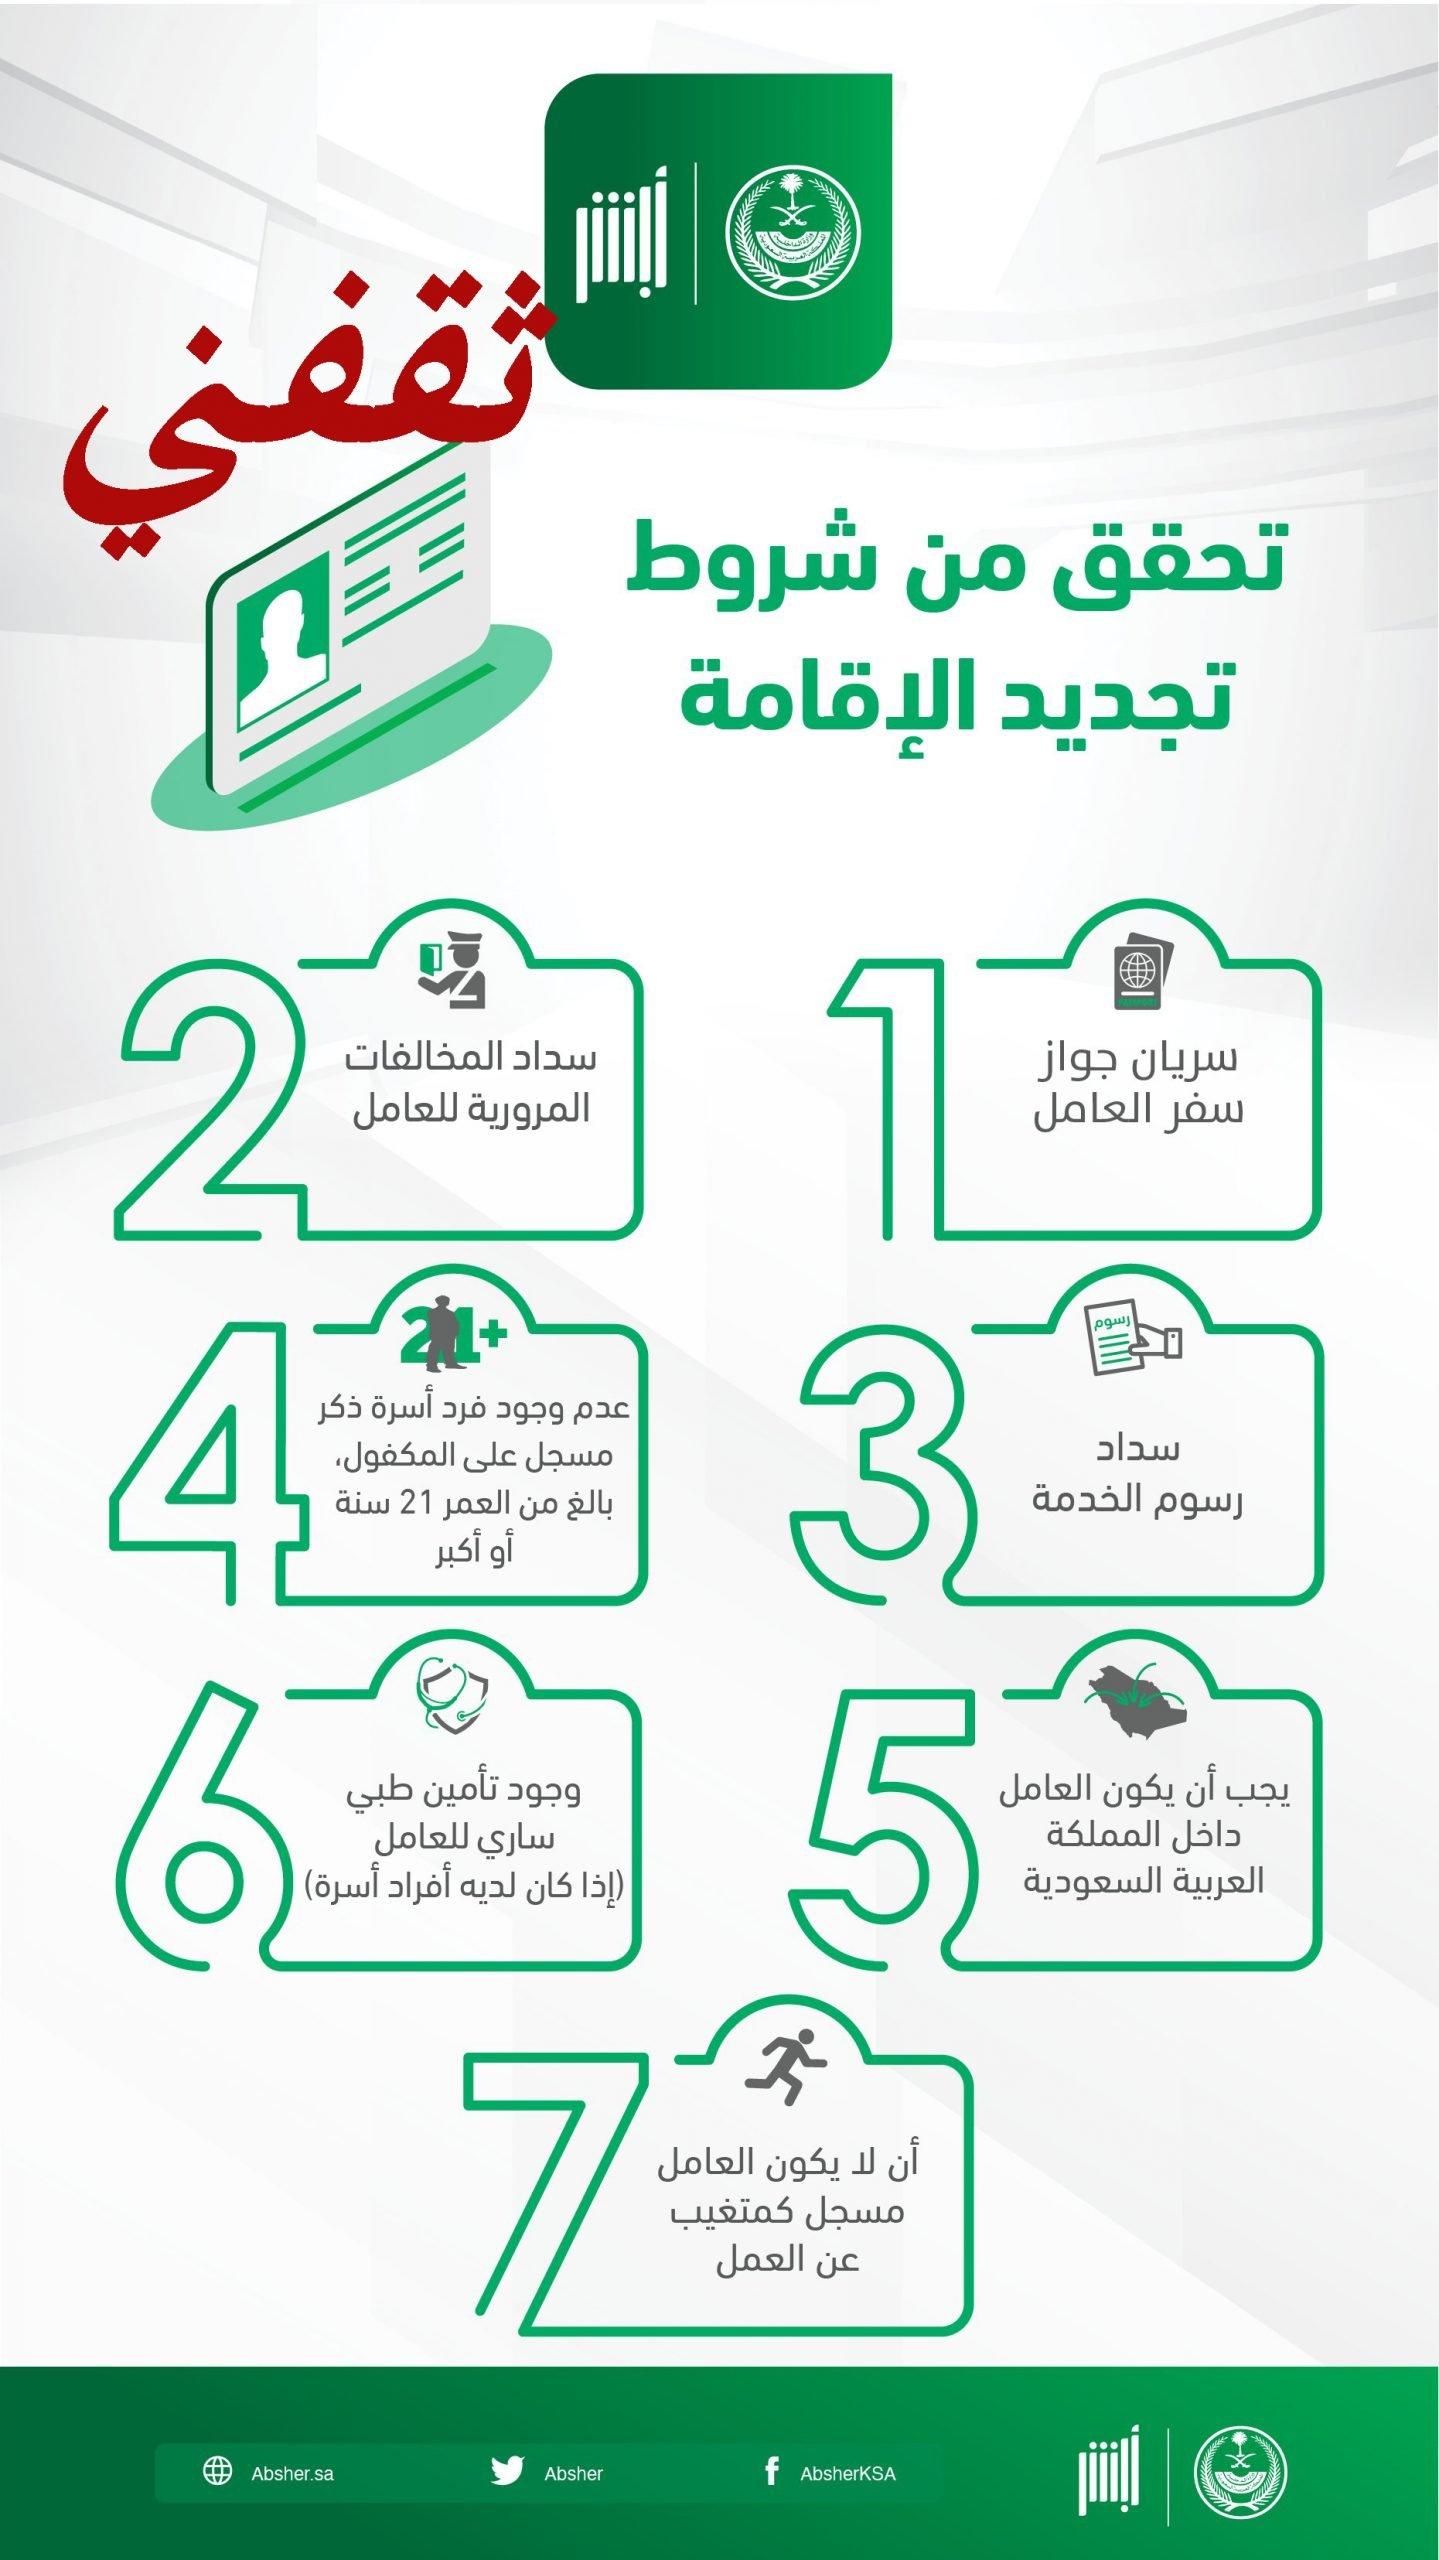 رسوم وشروط تجديد الاقامة في السعودية 2021 مميزات وعيوب ثقفني